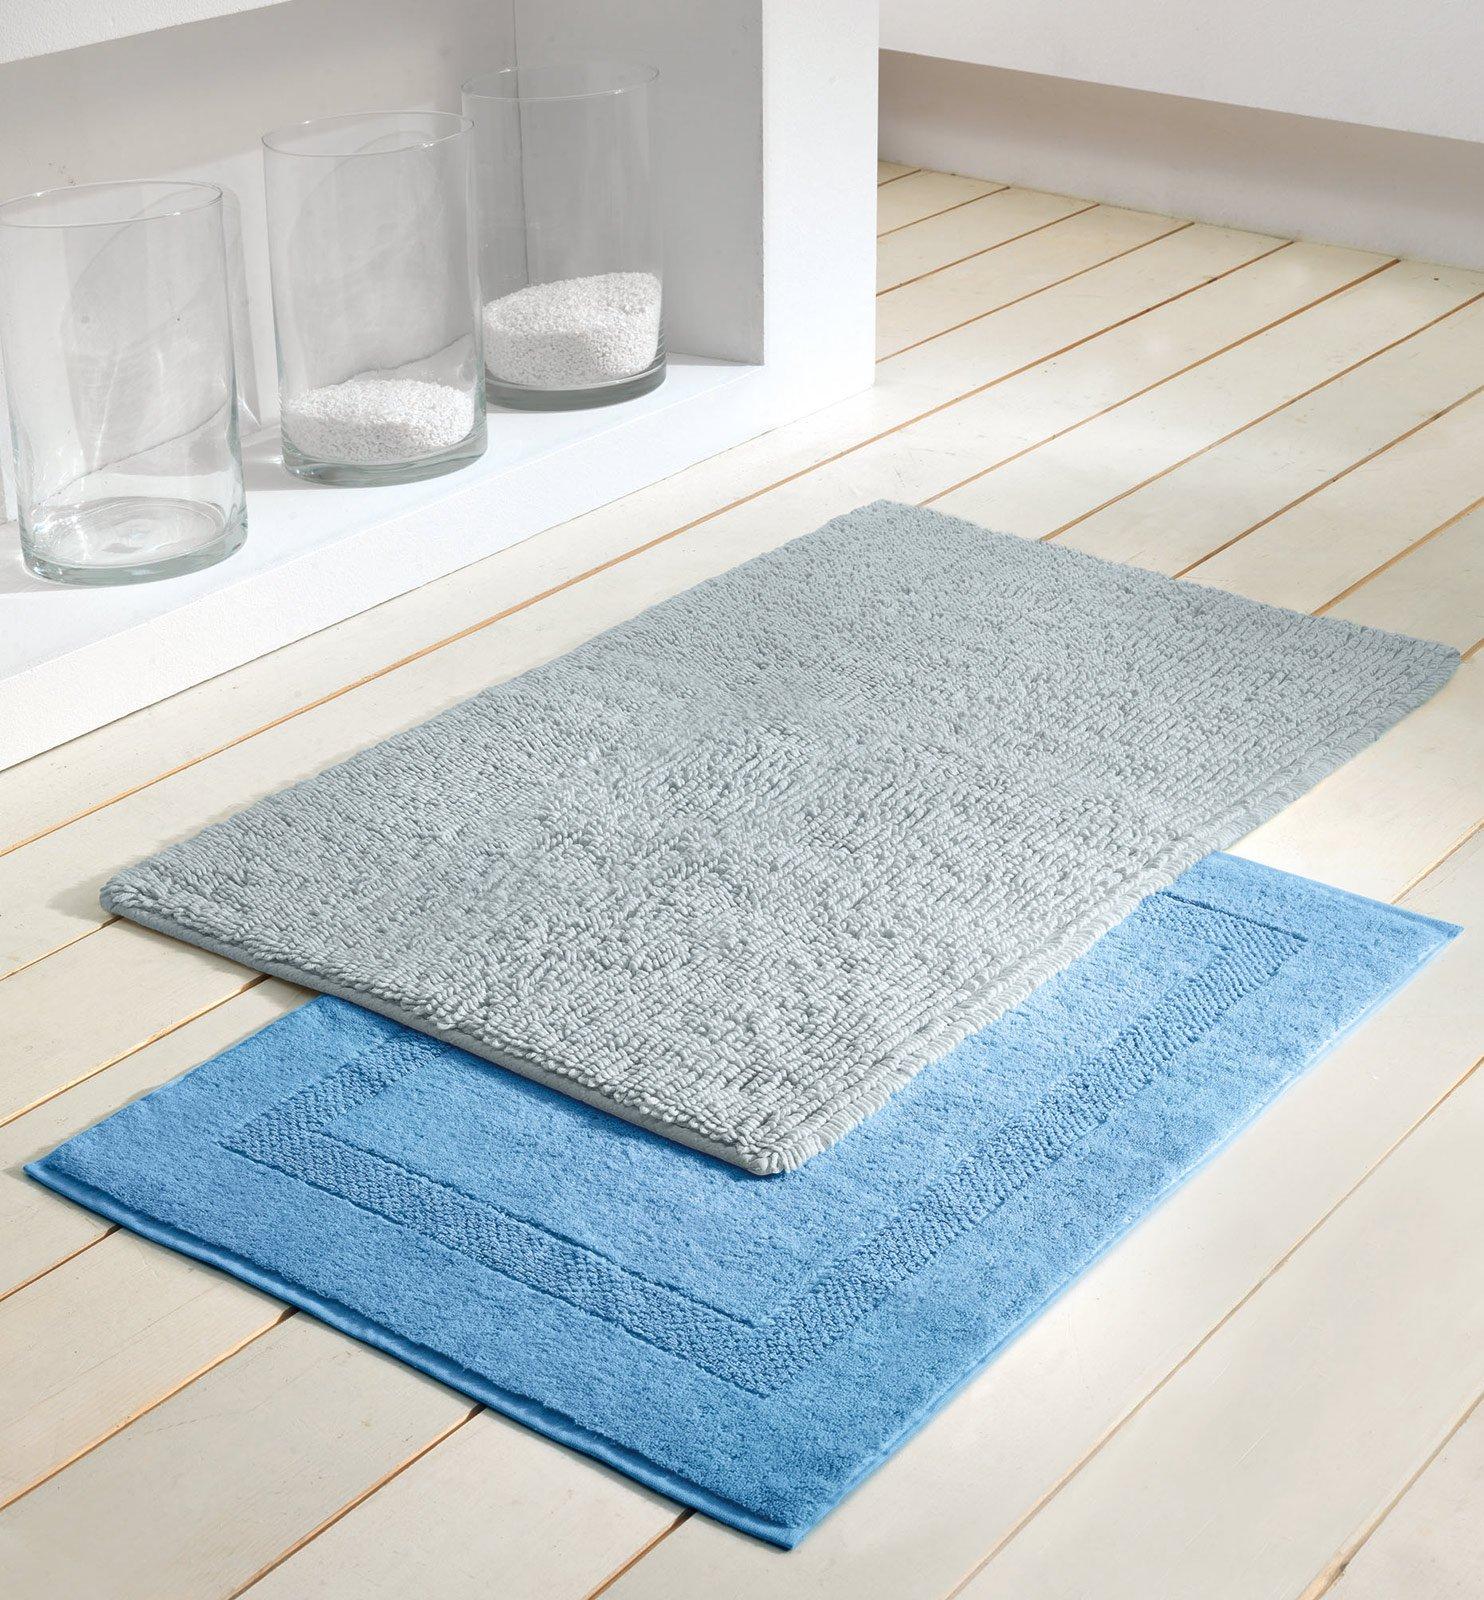 Ikea tappeto bagno rosso idee per la casa - Ikea idee bagno ...